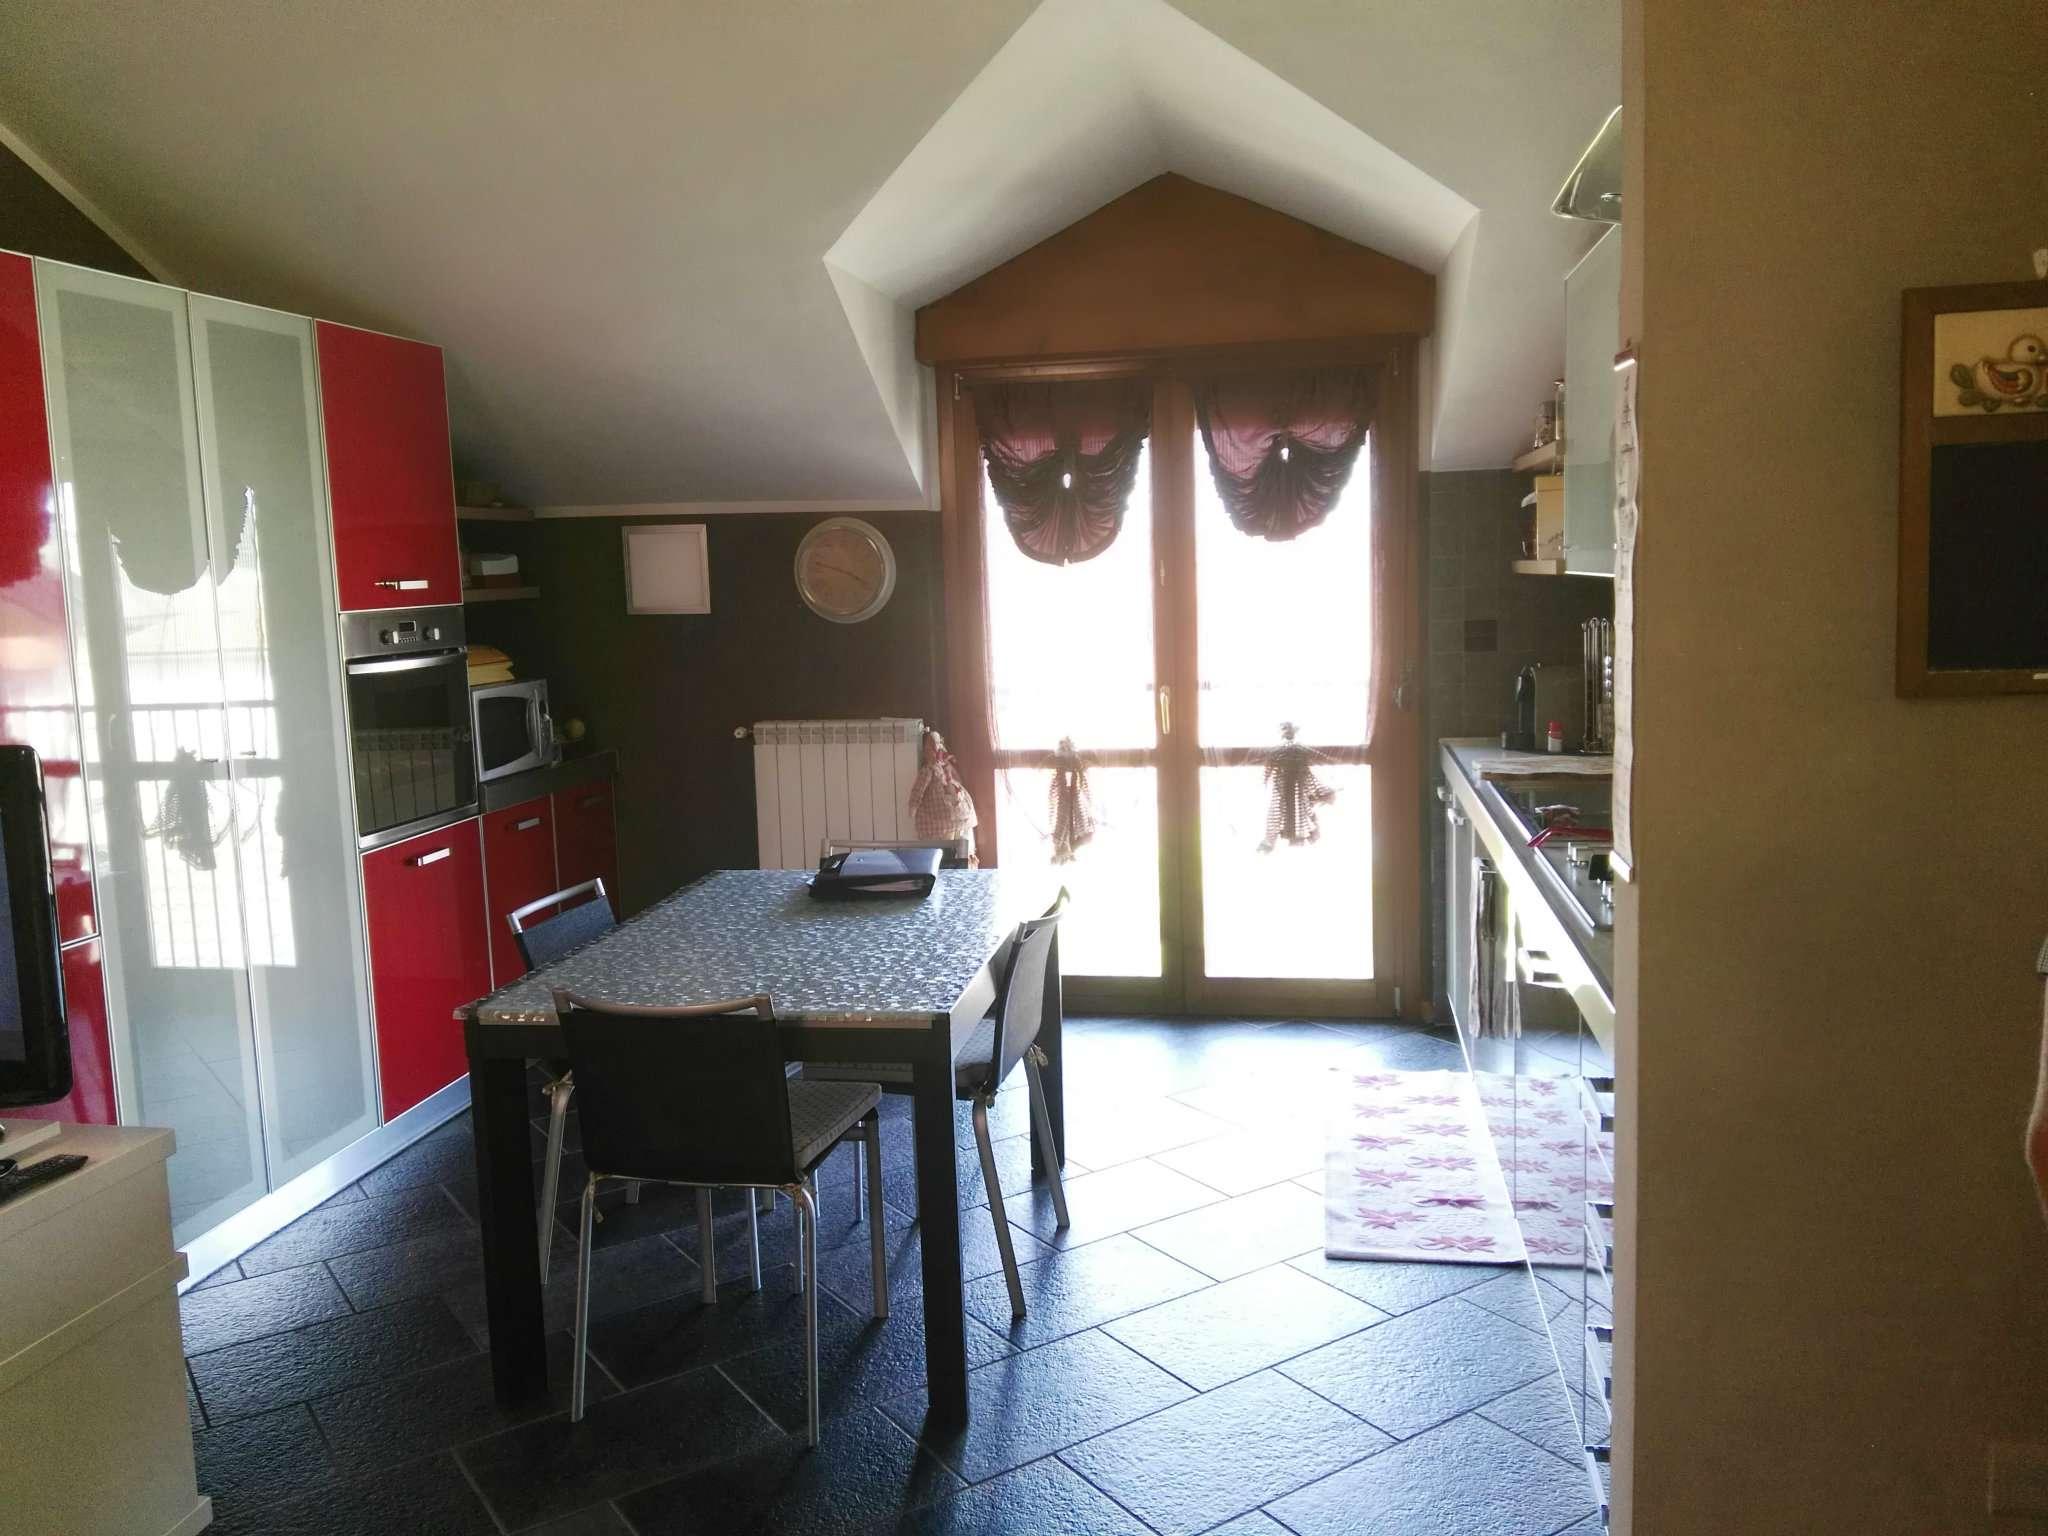 Arluno in mini palazzina, ultimo piano bellissimo appartamento tre locali con box doppio e cantina.